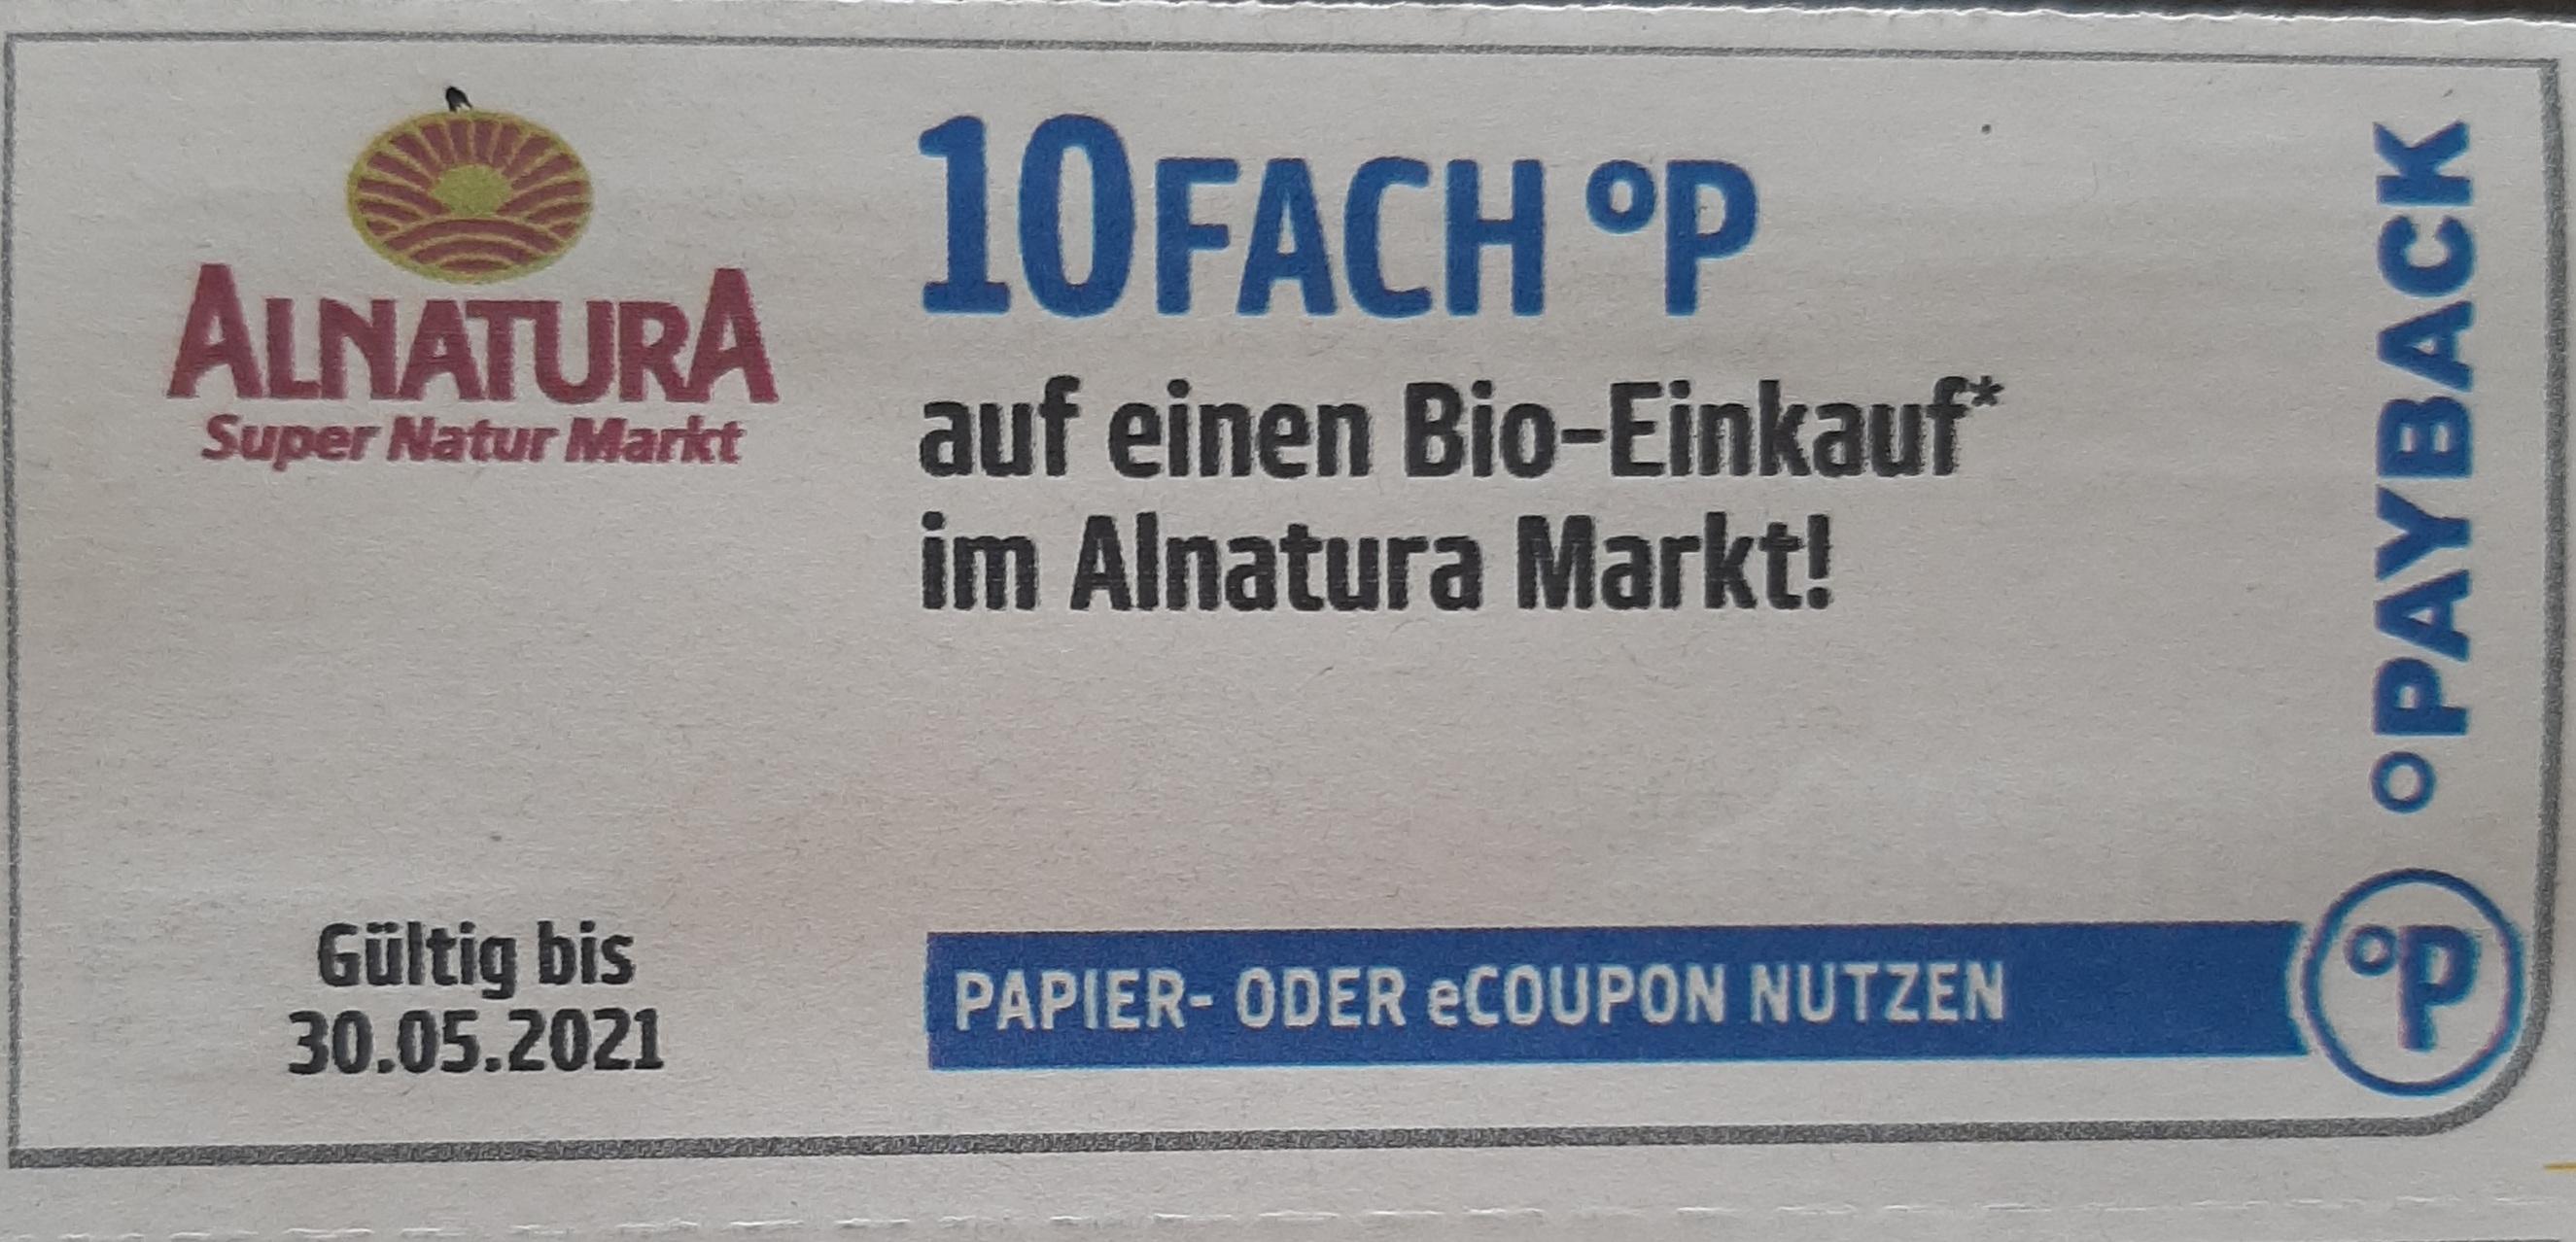 Alnatura 10fach°P, 7fach, 6fach und 2× 100 Extra Punkte Payback auf einen Bio-Einkauf